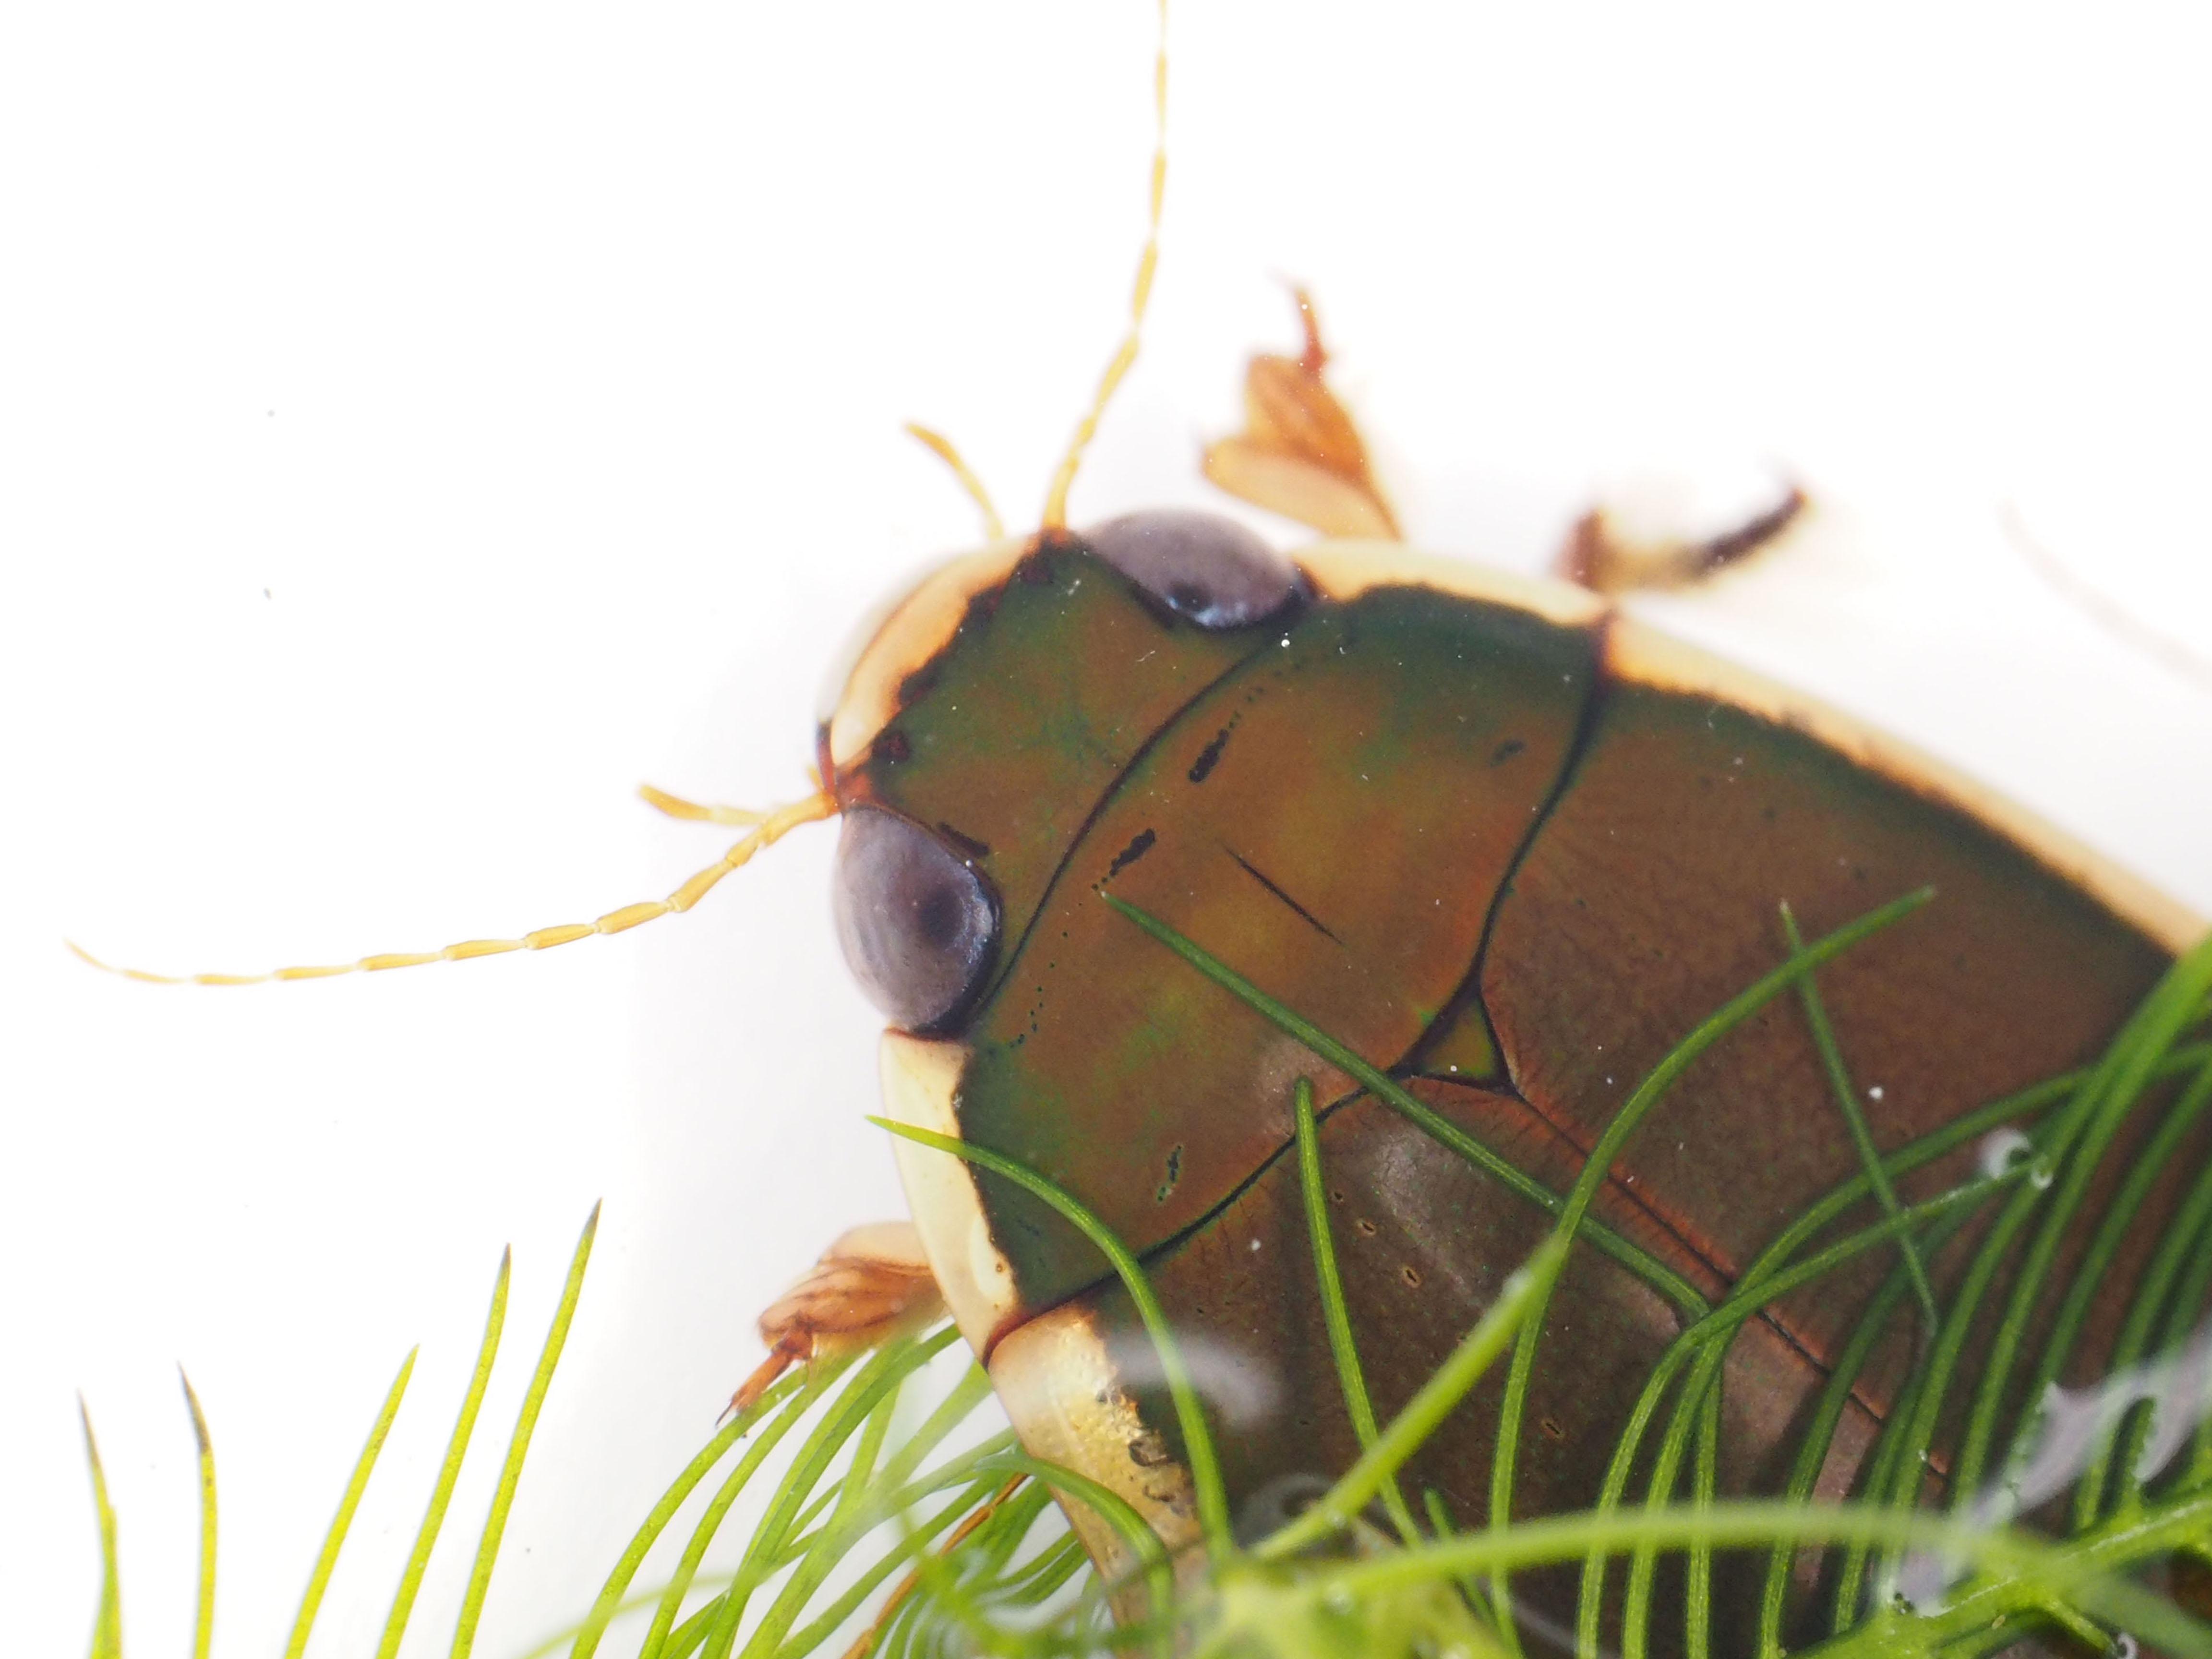 コガタノゲンゴロウ頭部